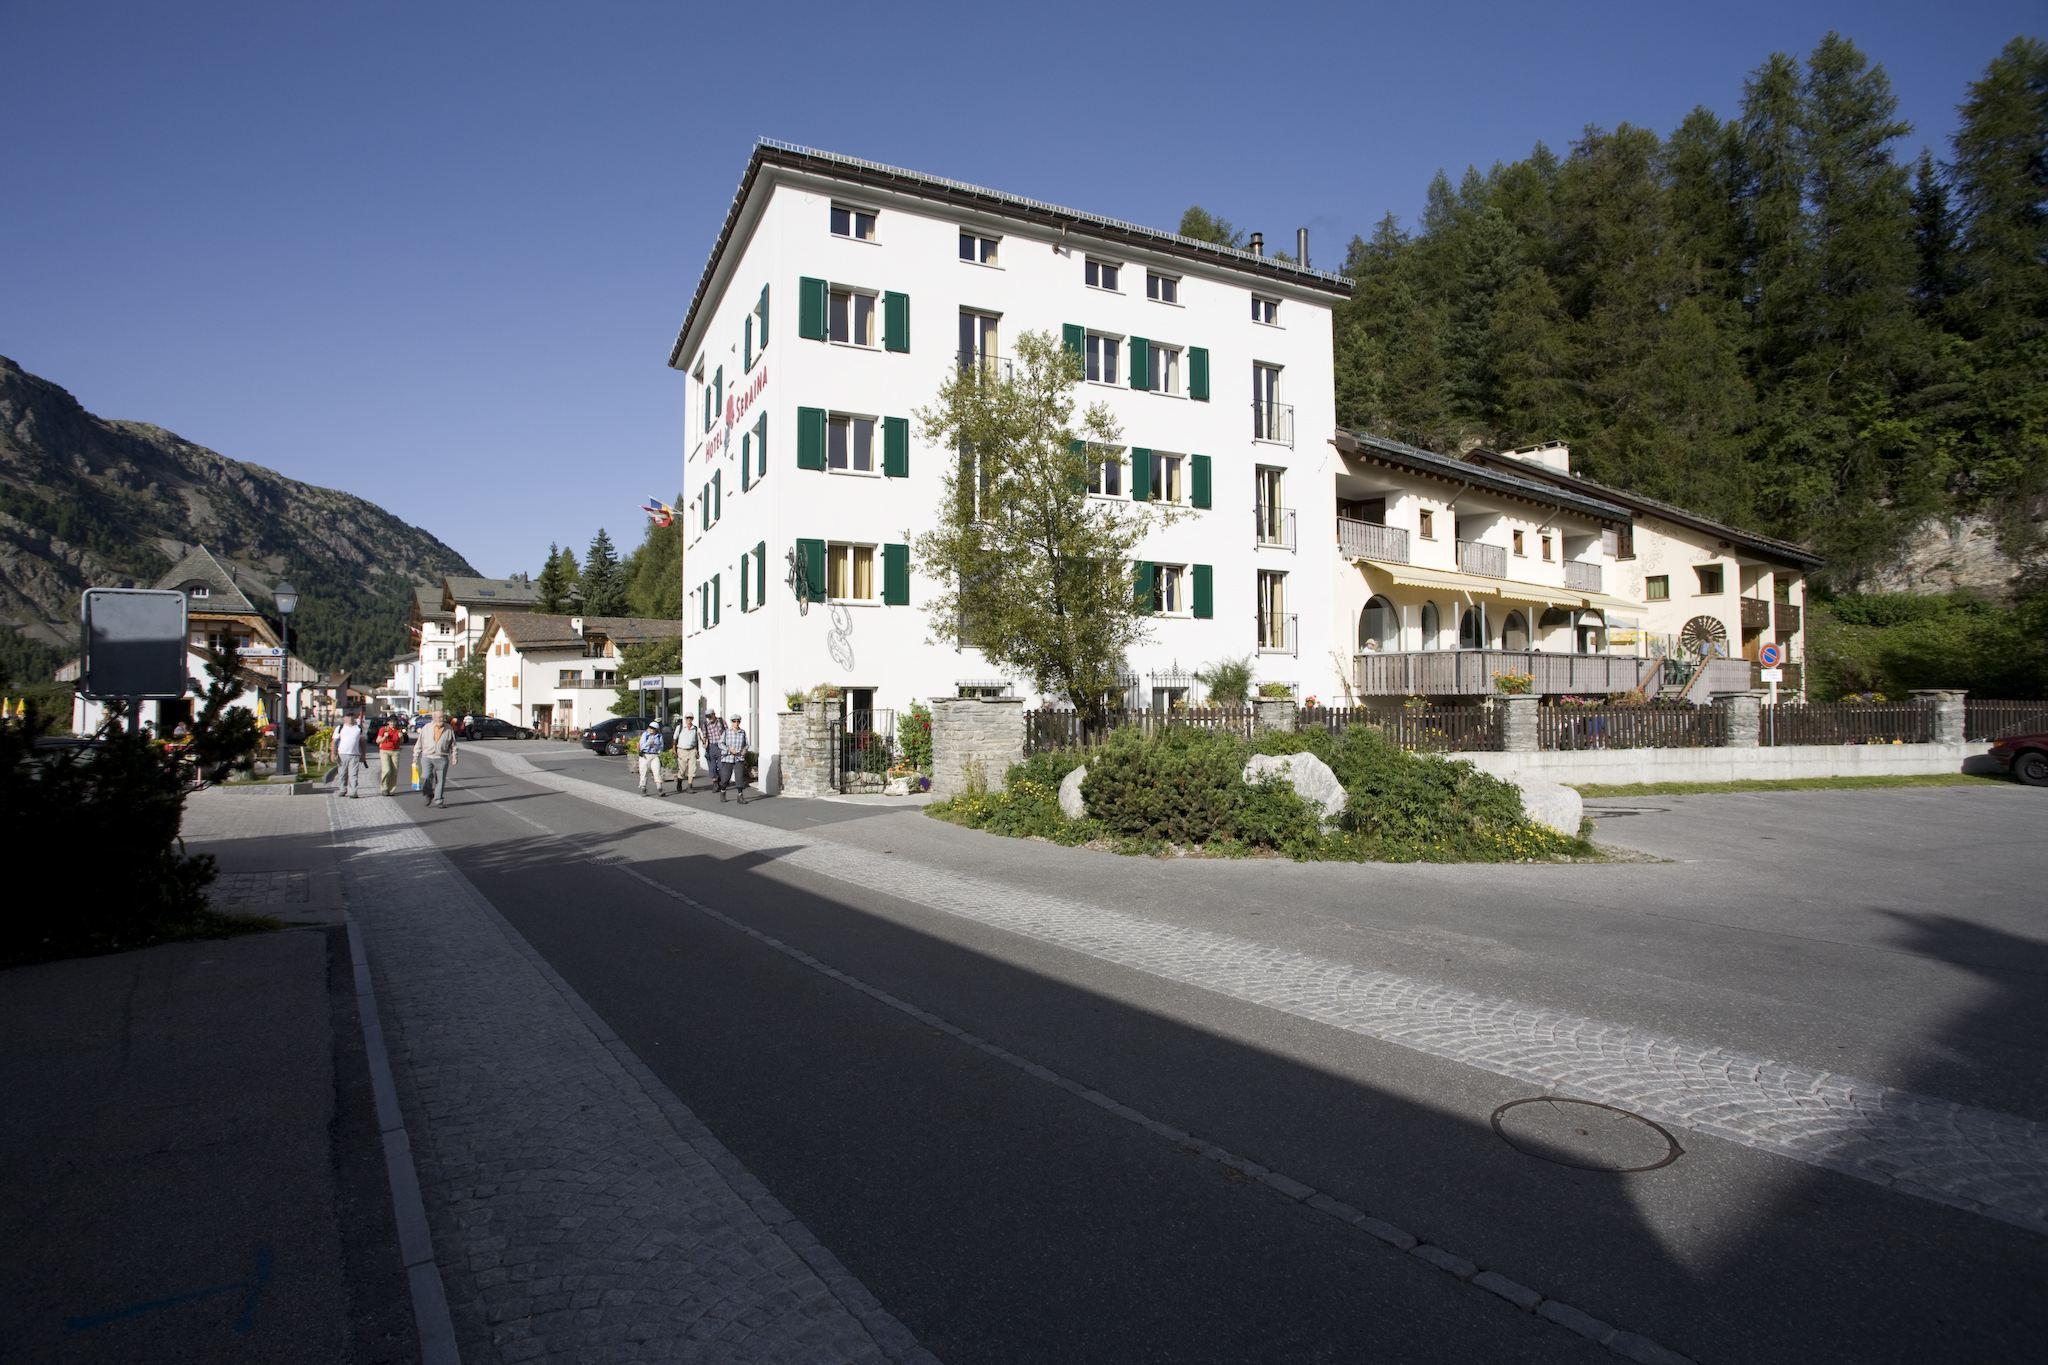 Hotel Seraina Sils-Maria Engadin